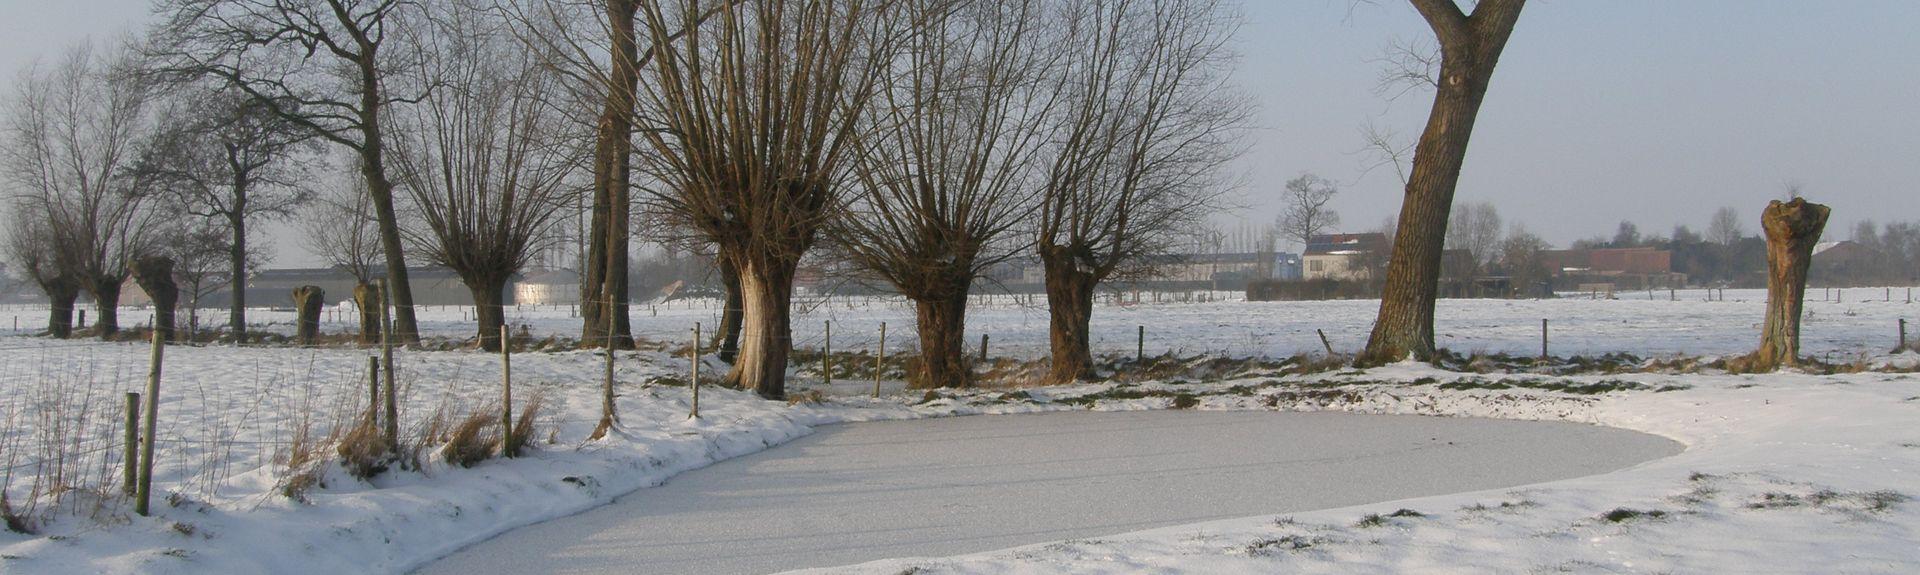 Κόρτεμαρκ, Φλαμανδική Περιοχή, Βέλγιο